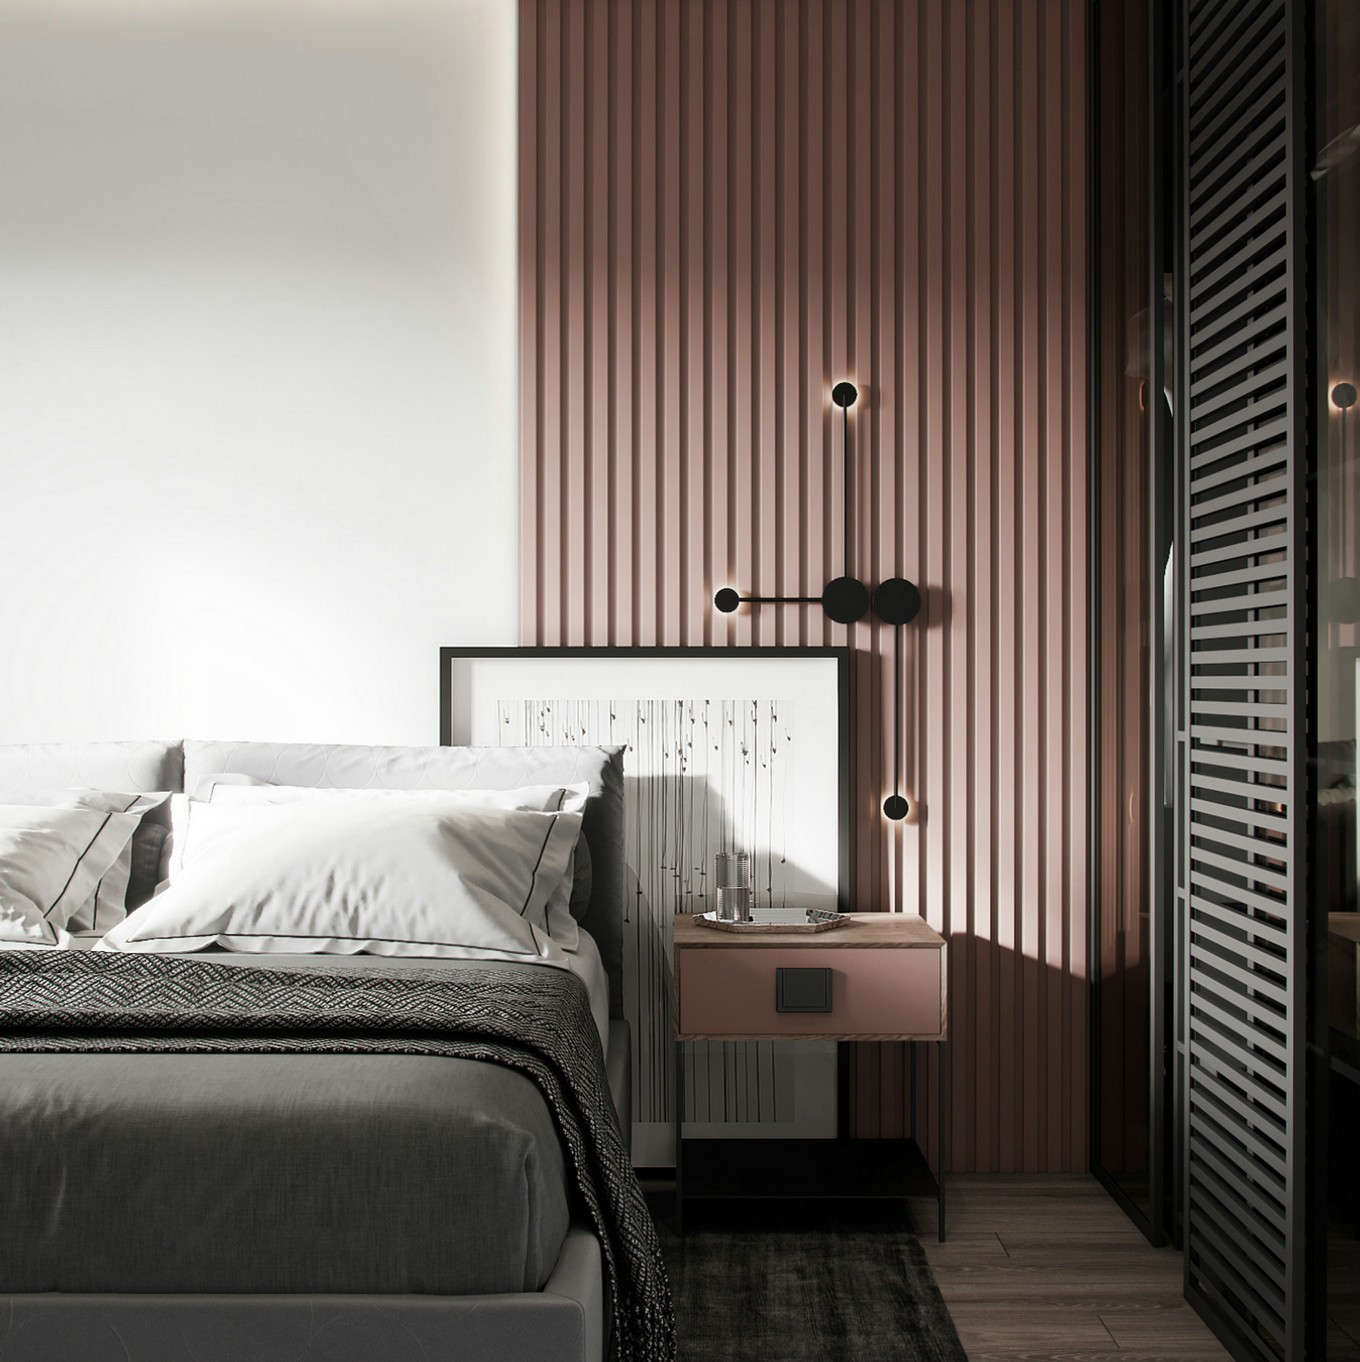 文艺感的生活气息 清新优雅的北欧风家居设计